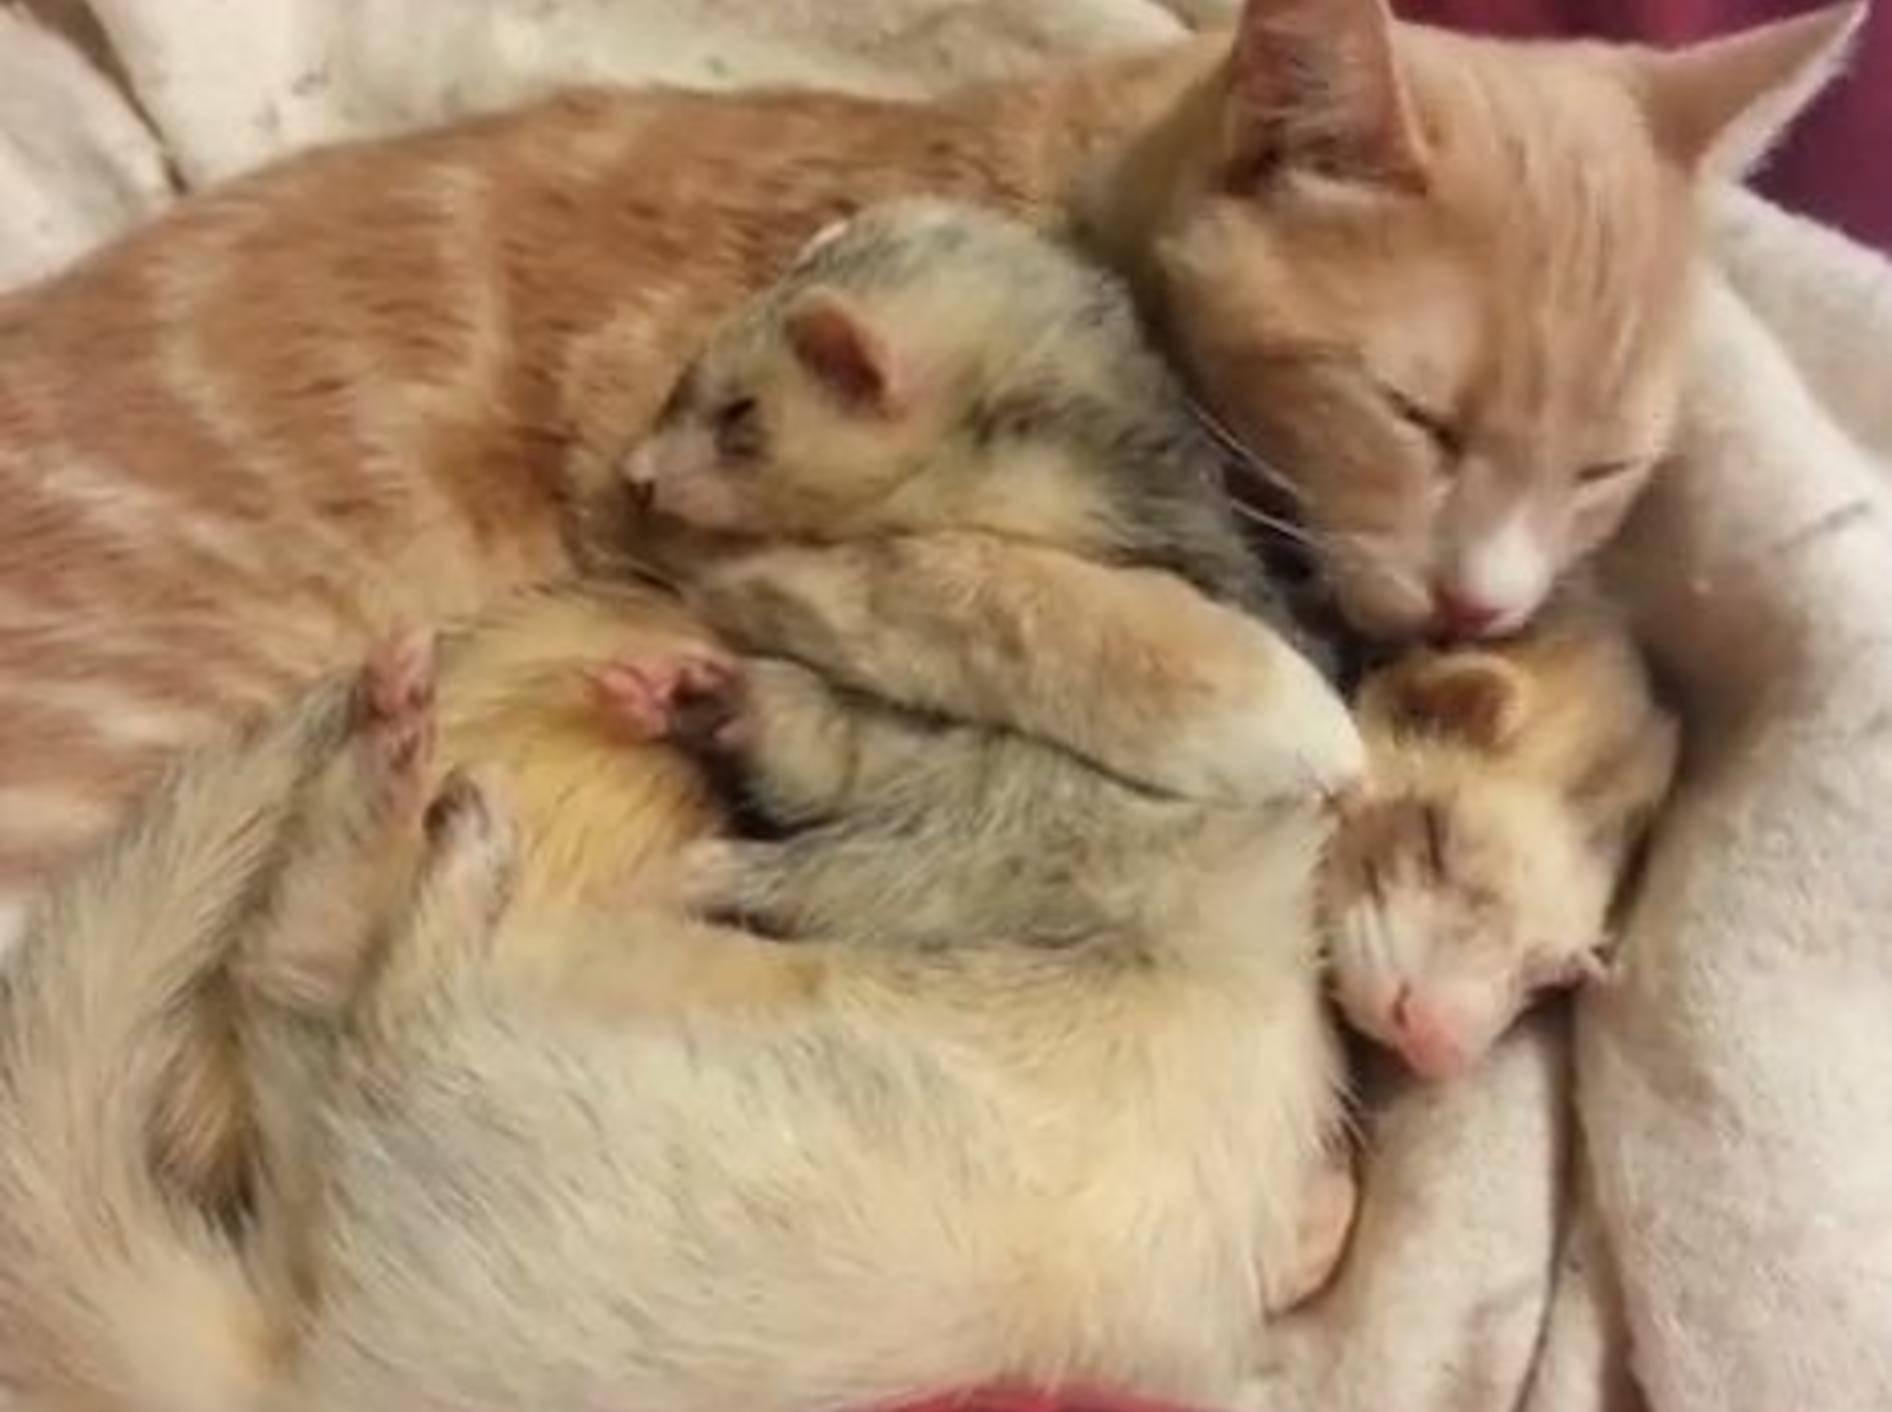 Wie süß: Drei Kuschelfreunde lassen es sich gut gehen — Bild: Youtube / mallinds